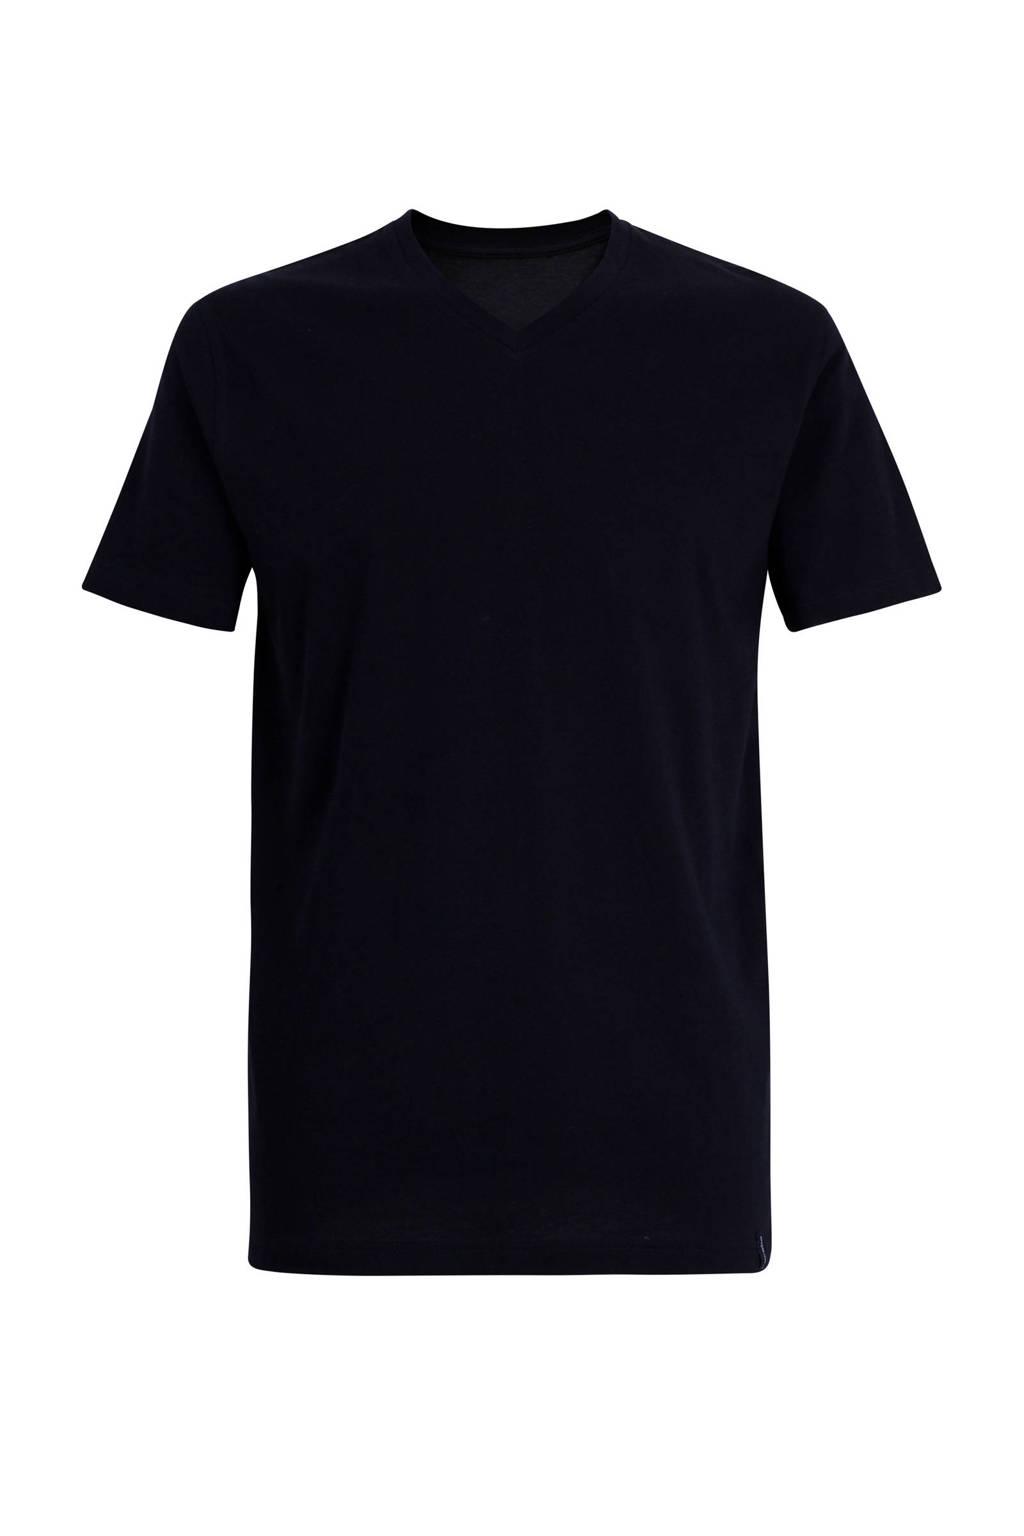 Ceceba +size pyjamatop zwart, Zwart